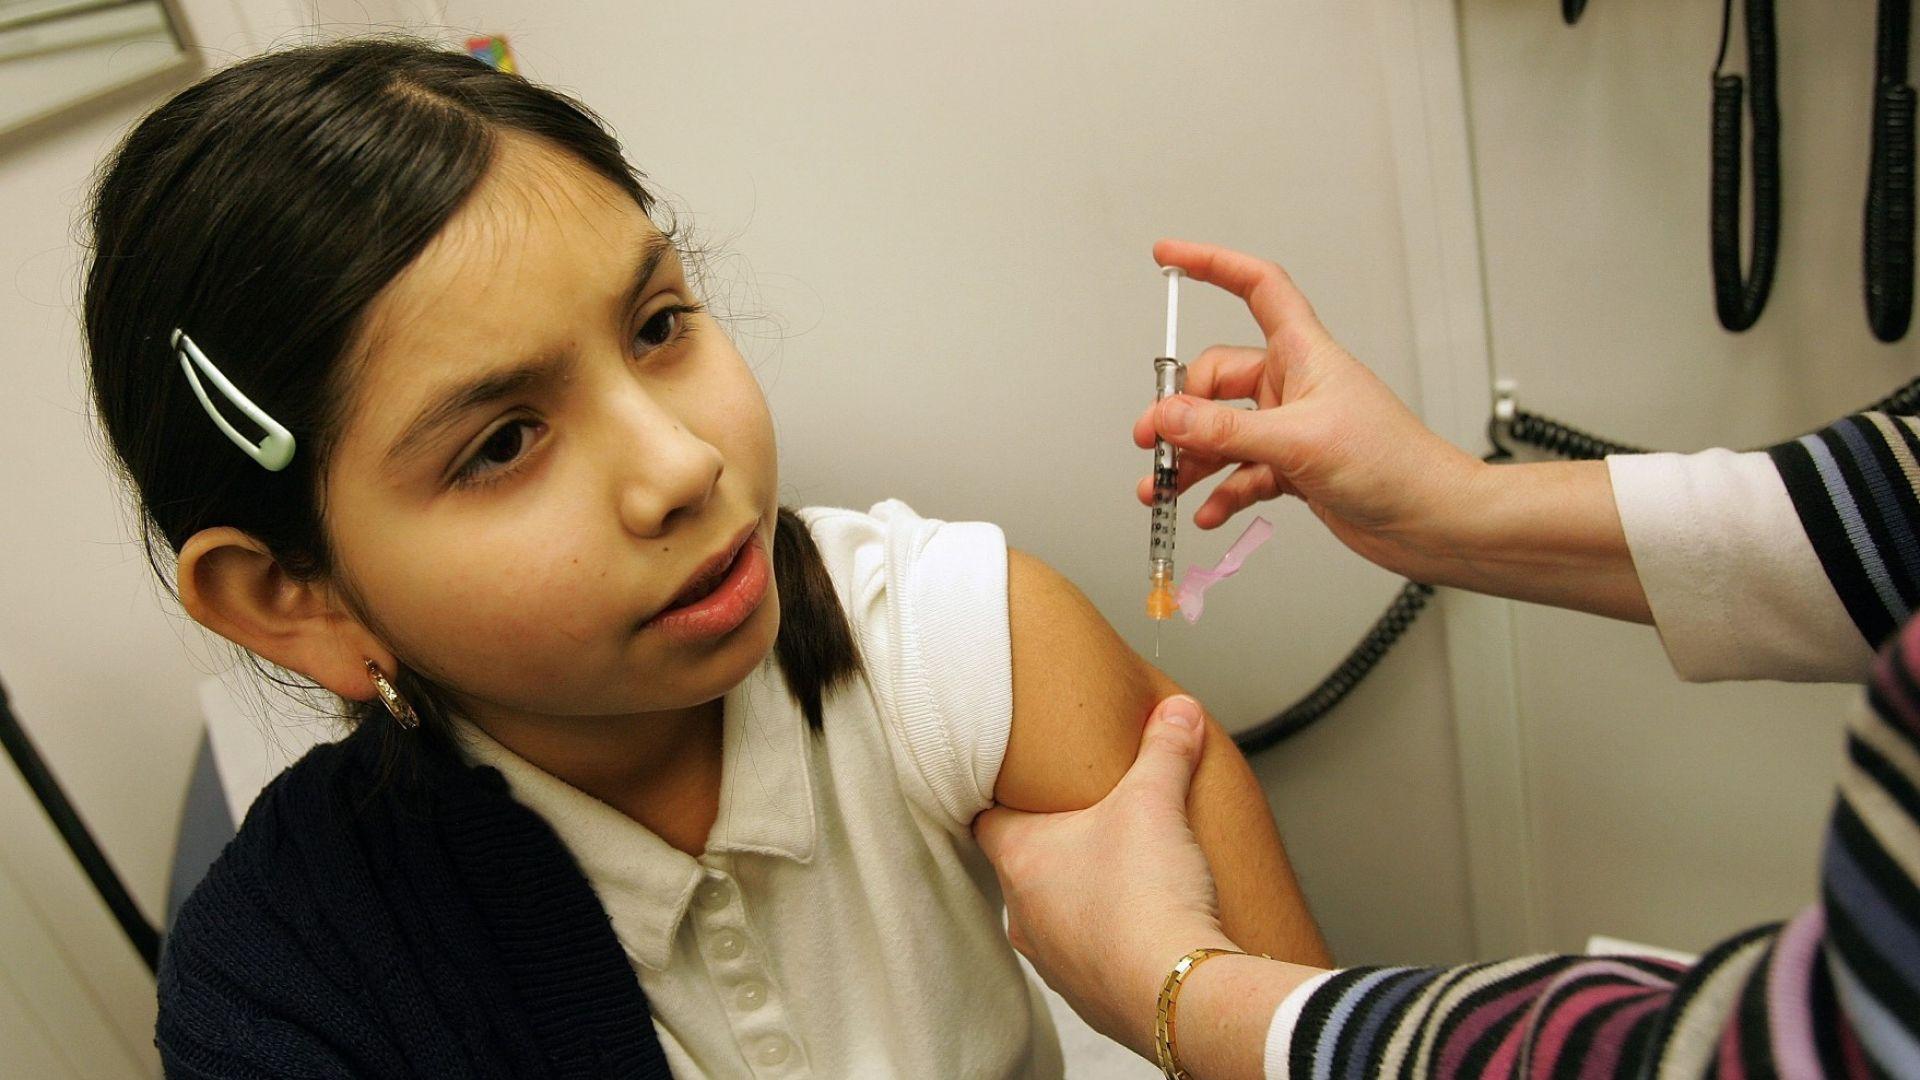 САЩ одобрява Covid ваксините за деца от 5 до 11 години в спешен порядък